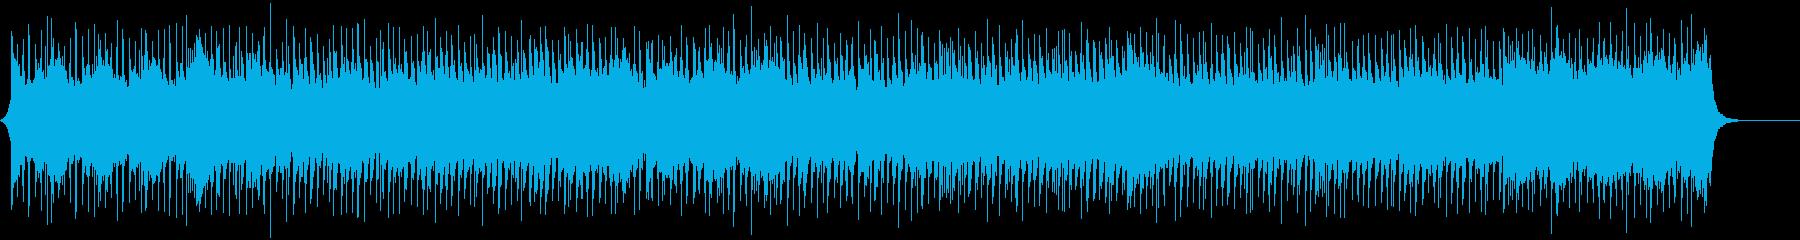 ギターメロのファンファーレBGMの再生済みの波形